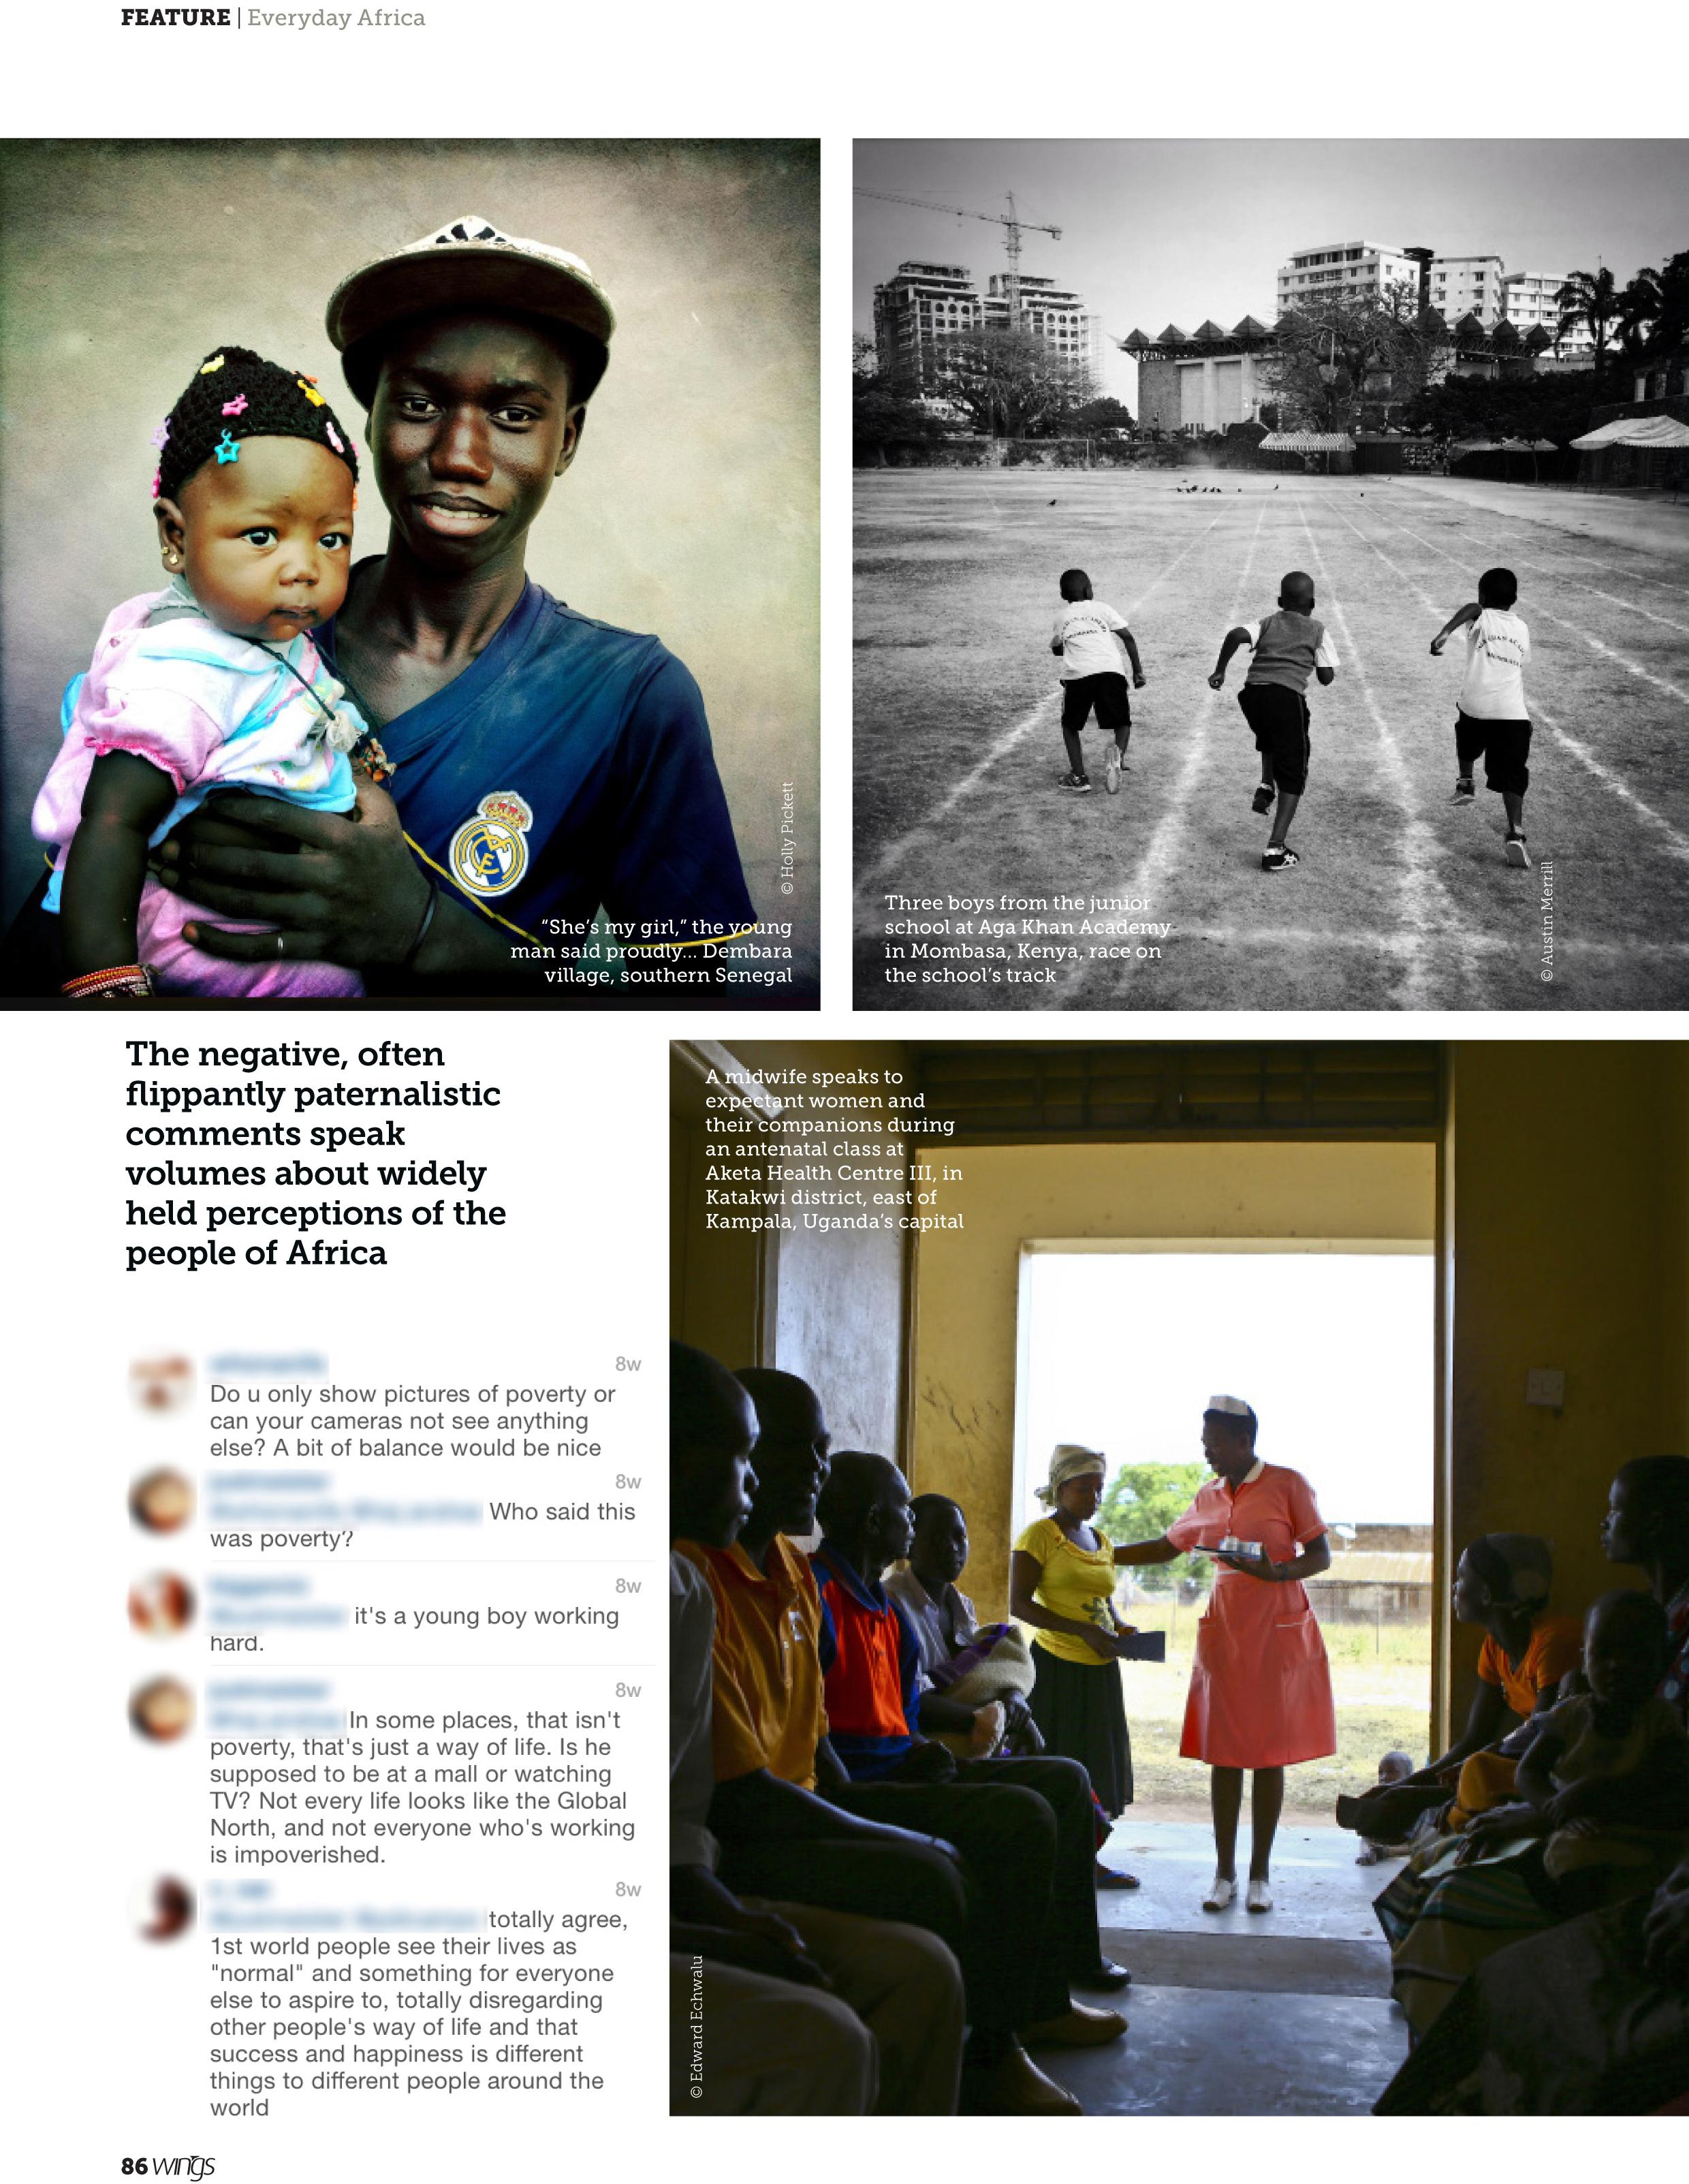 82_wings24_everyday_africa-3-5.jpg